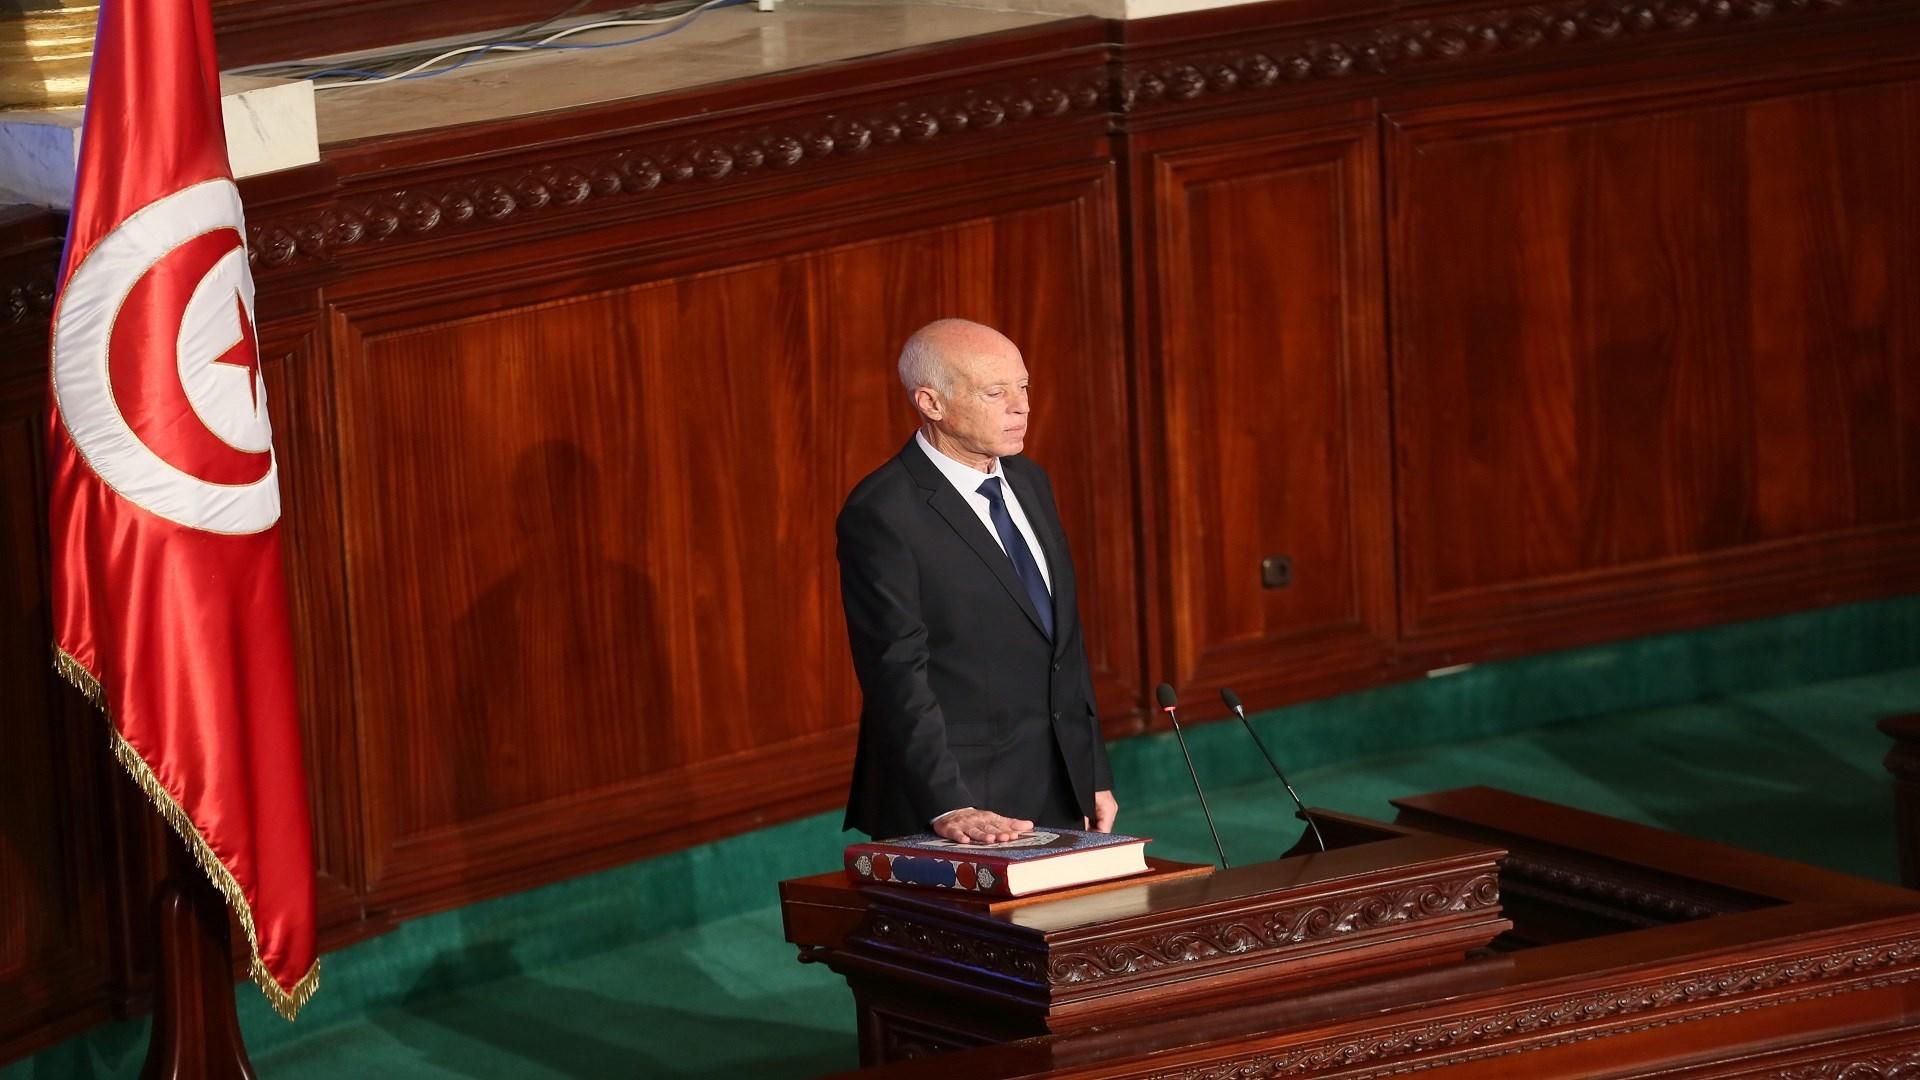 الرئيس قيس سعيد كان أيد مبادرة الاتحاد العام التونسي للشغل إجراء حوار وطني لإيجاد حلول للأوضاع الصعبة التي تمر بها تونس